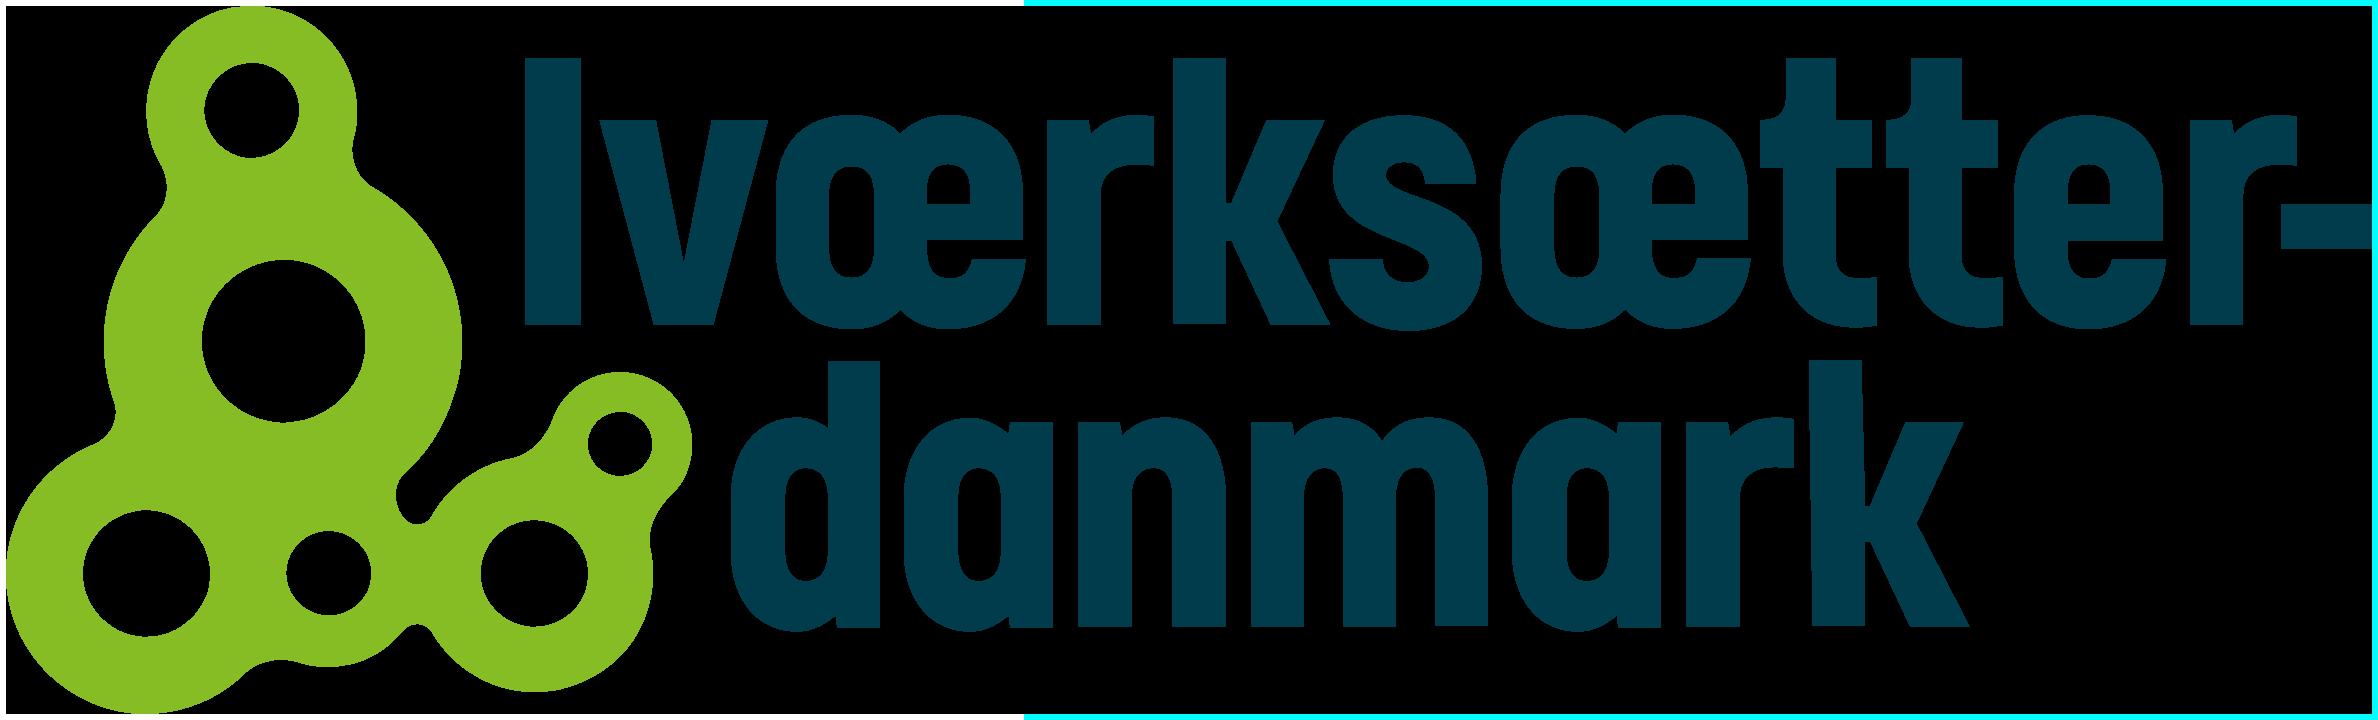 https://ivdk.dk/images/ivdk-logo-farve.png